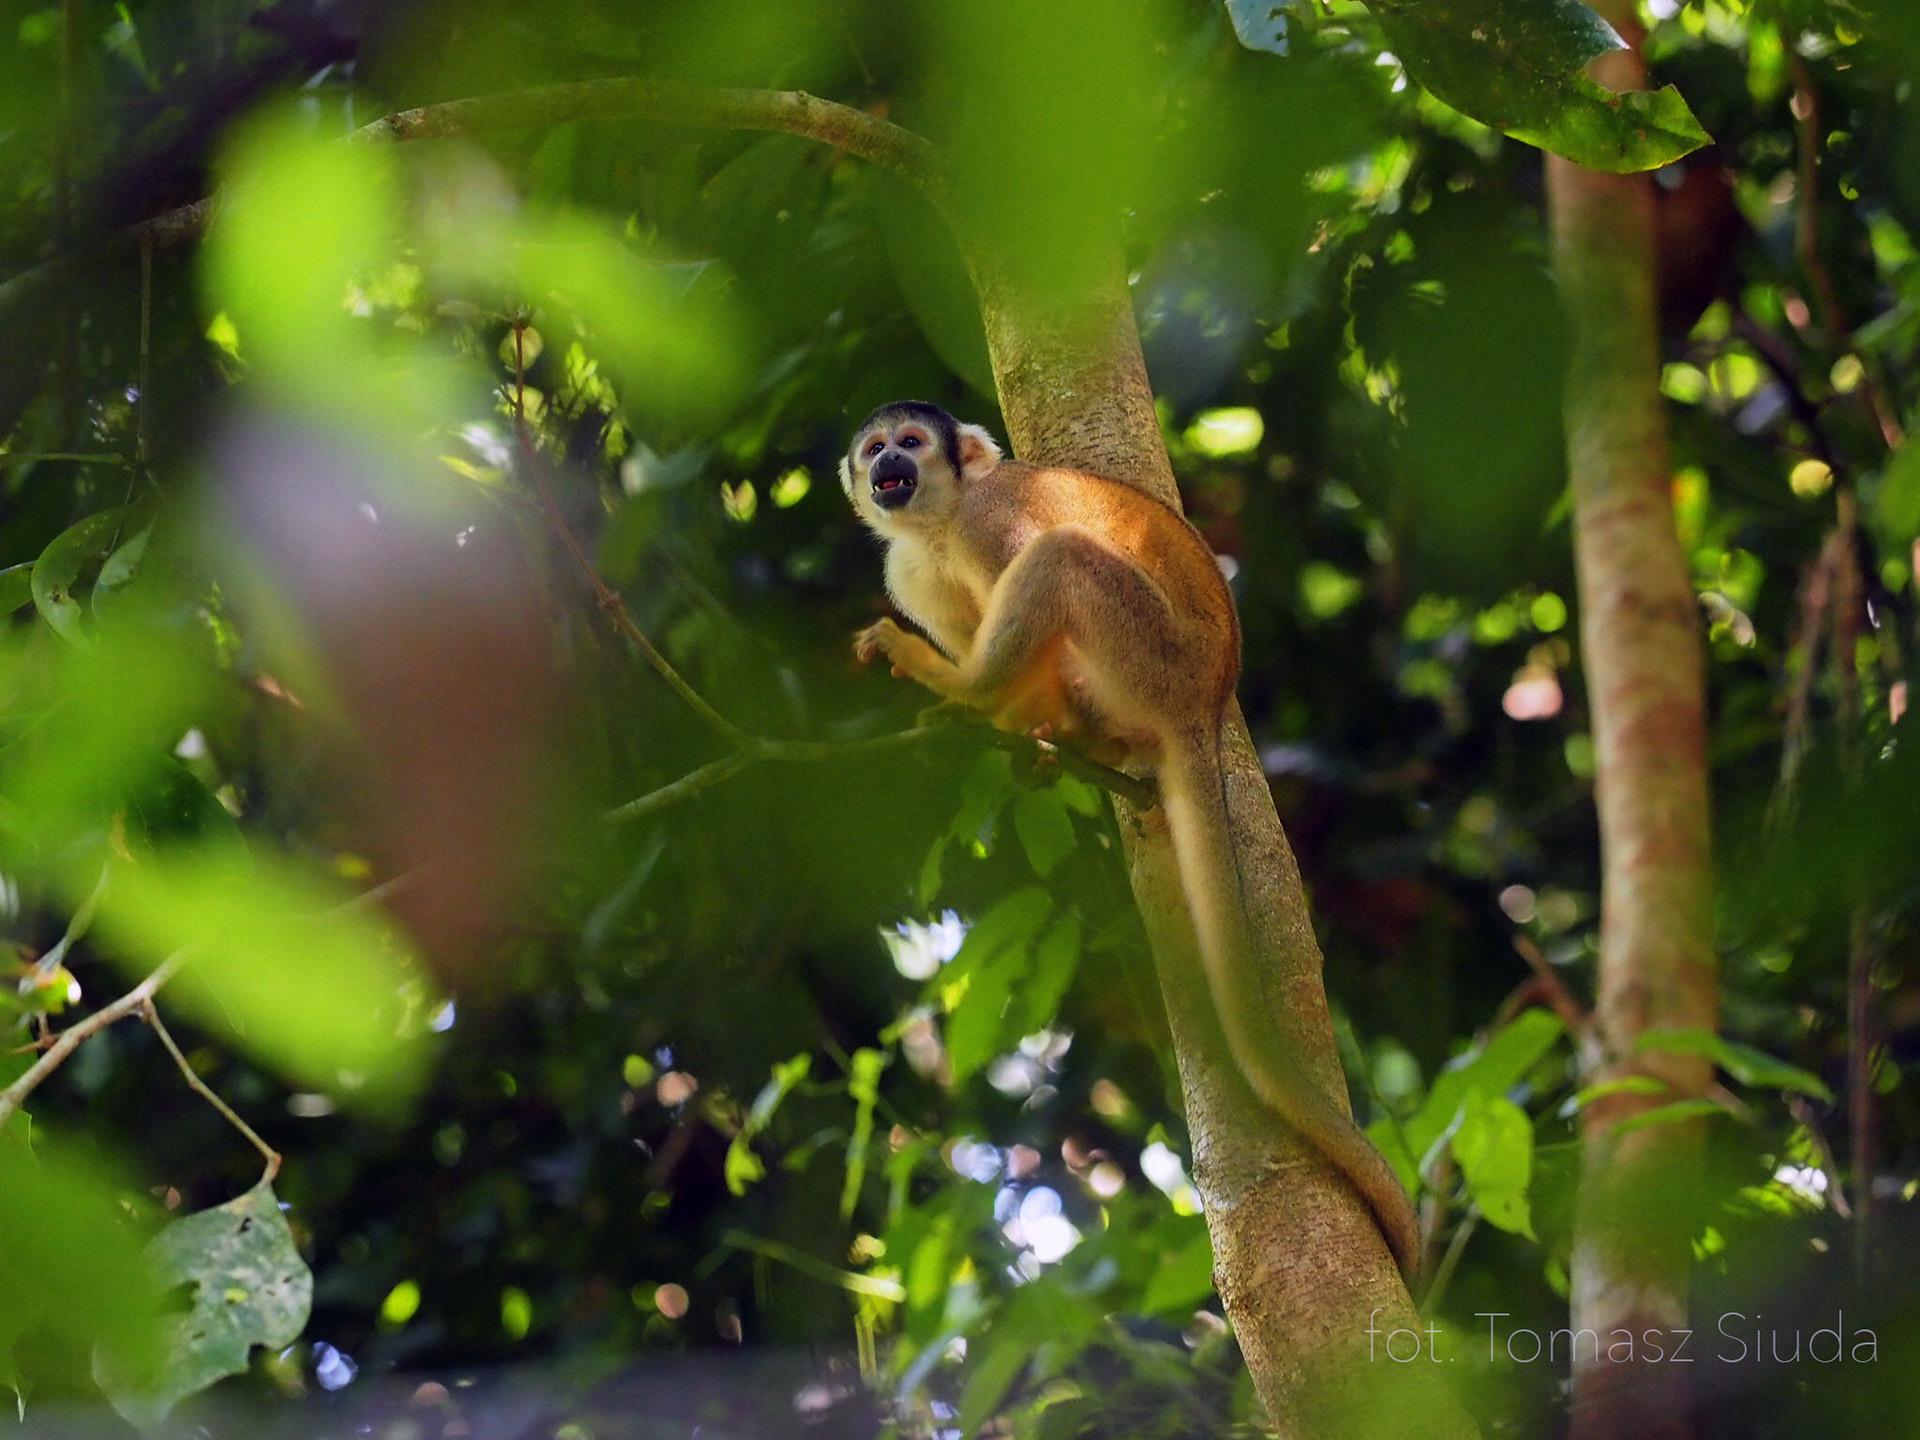 małpa w Amazonii